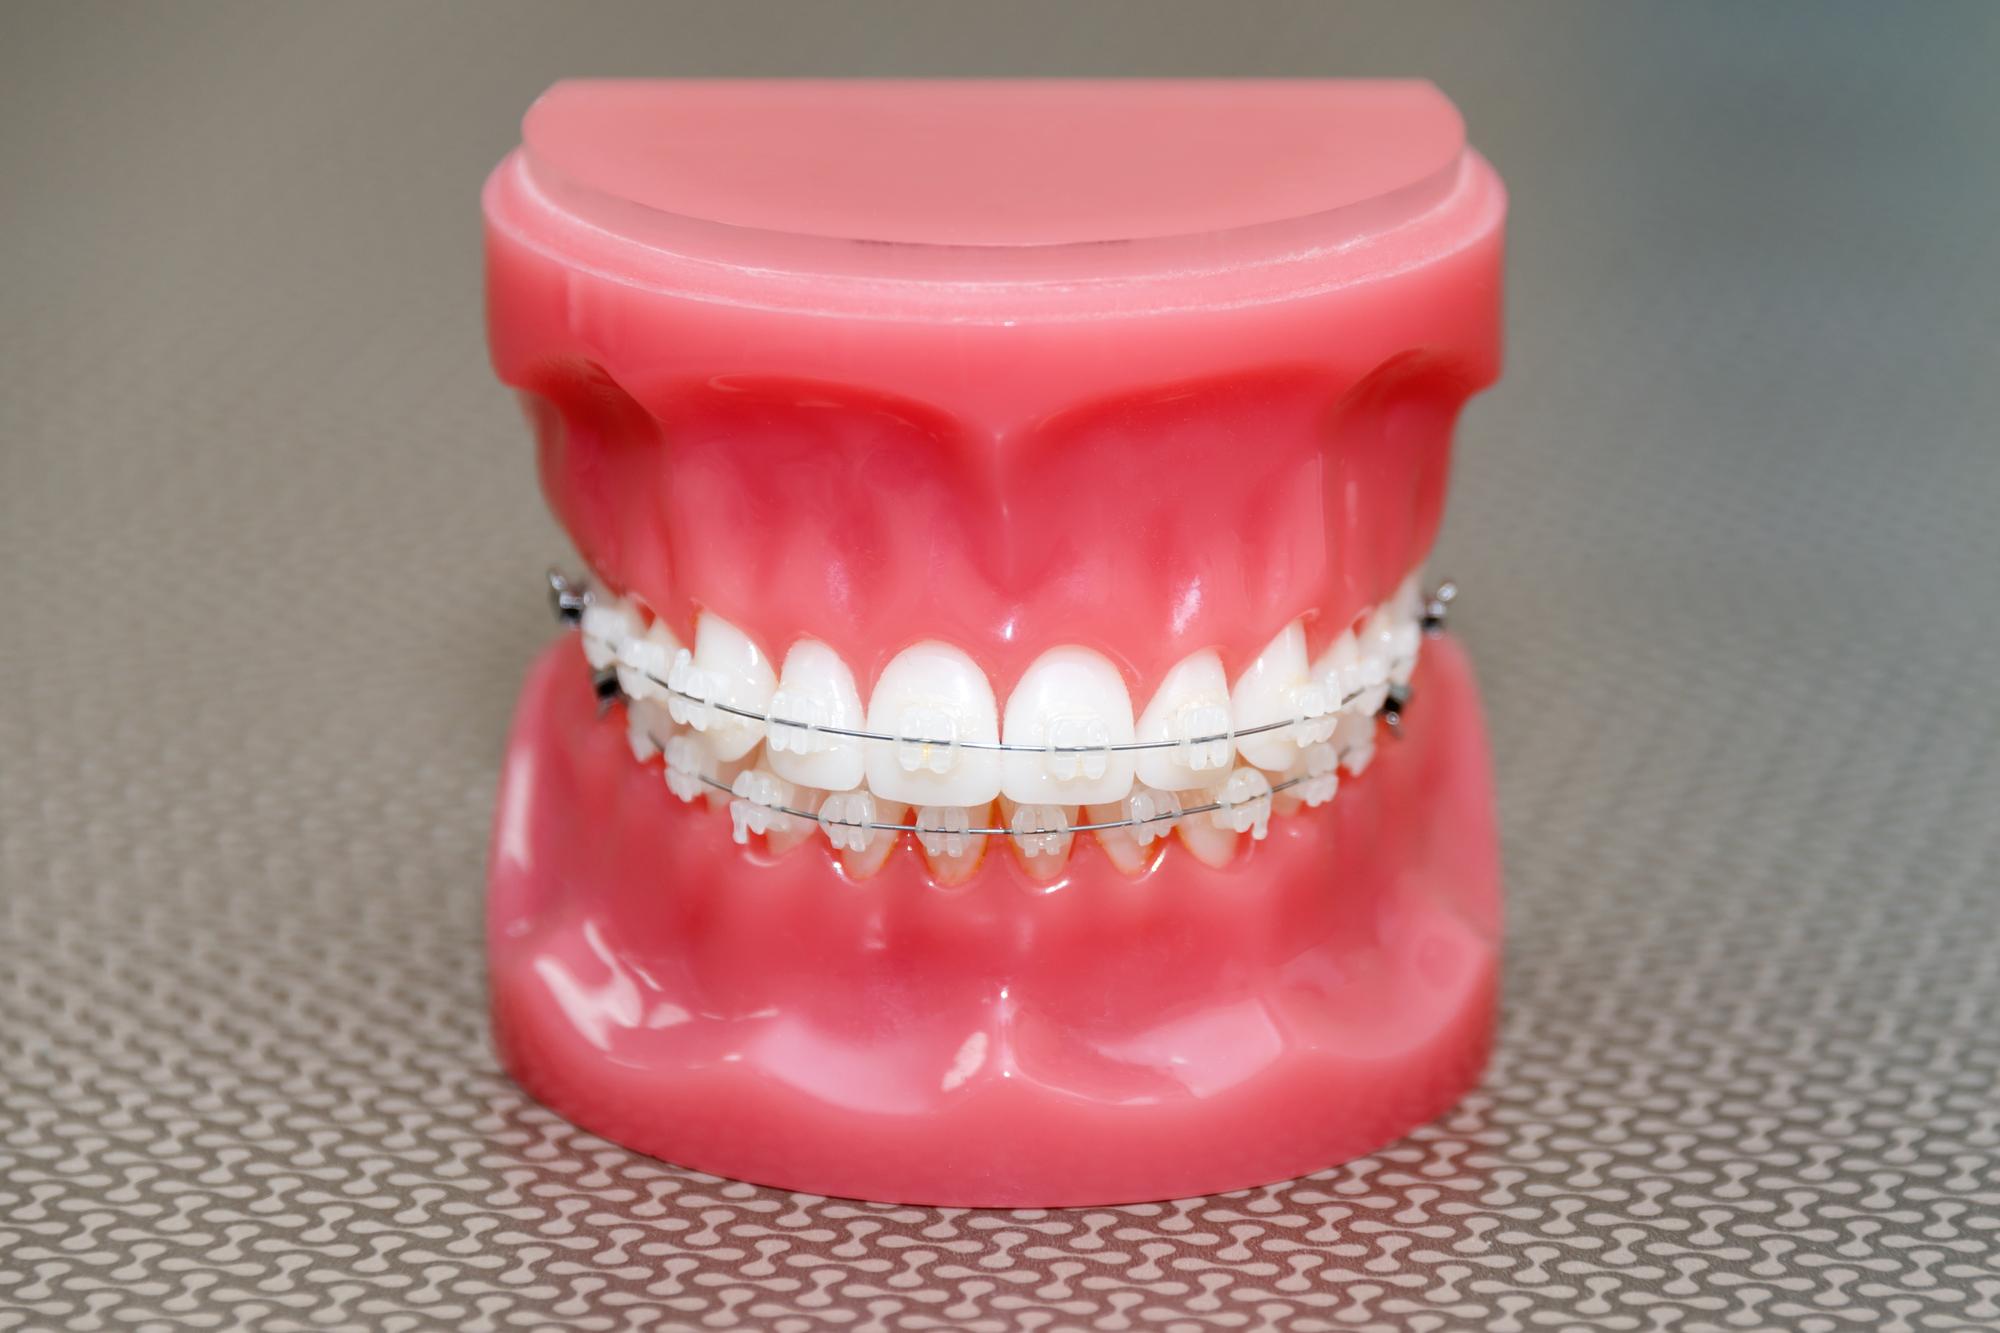 神戸三宮谷歯科クリニックではホワイトブラケットを使用した矯正治療が可能